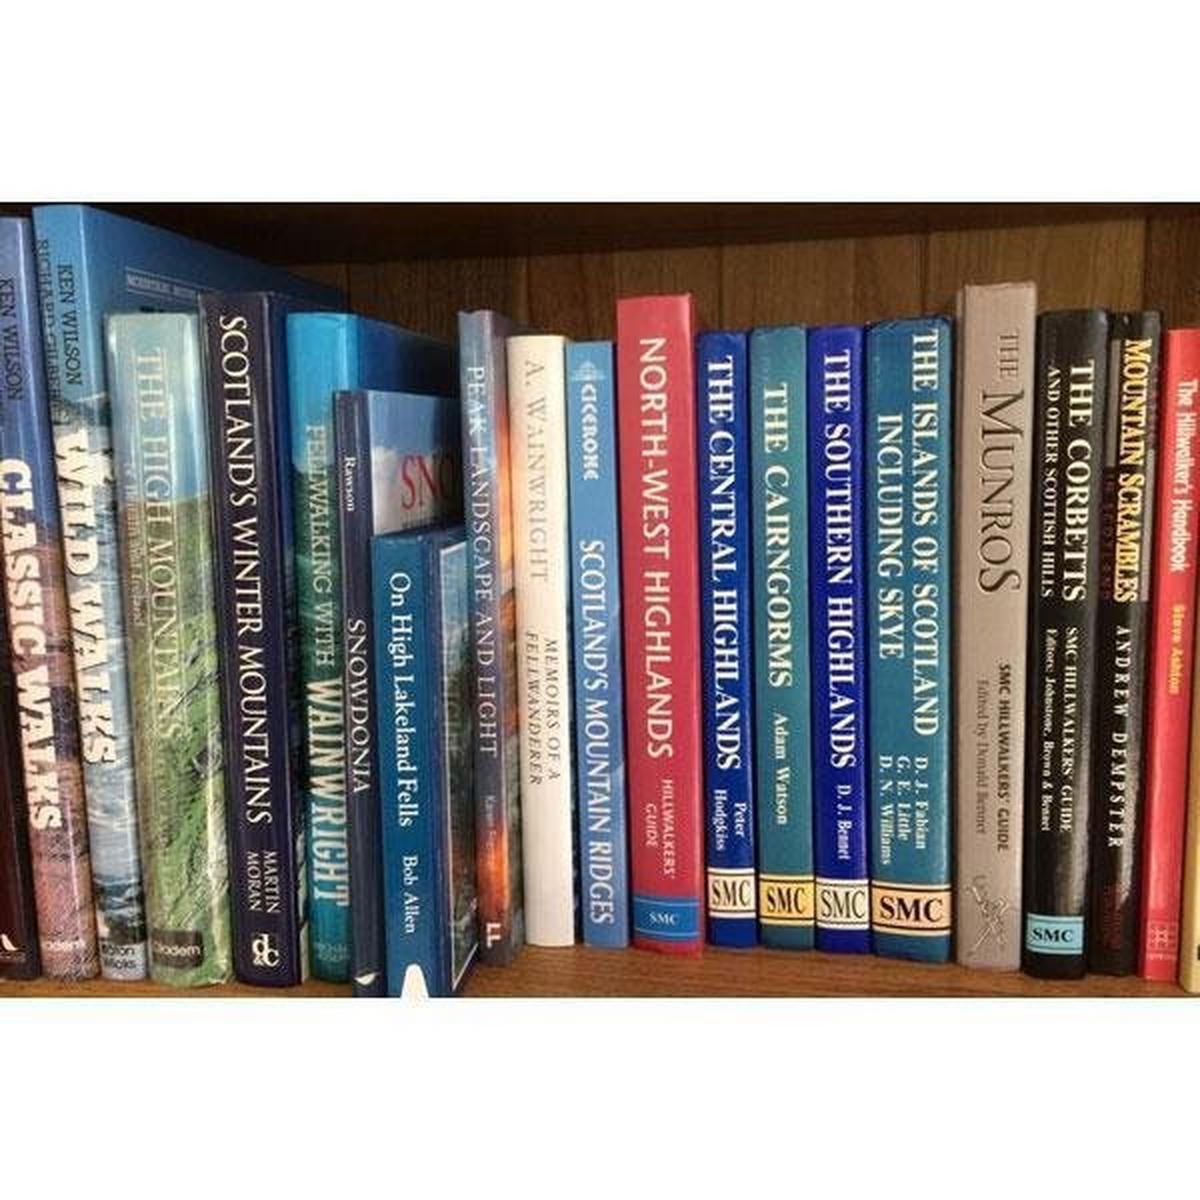 Cordee SMC Climbing Guide Book: The Cairngorms